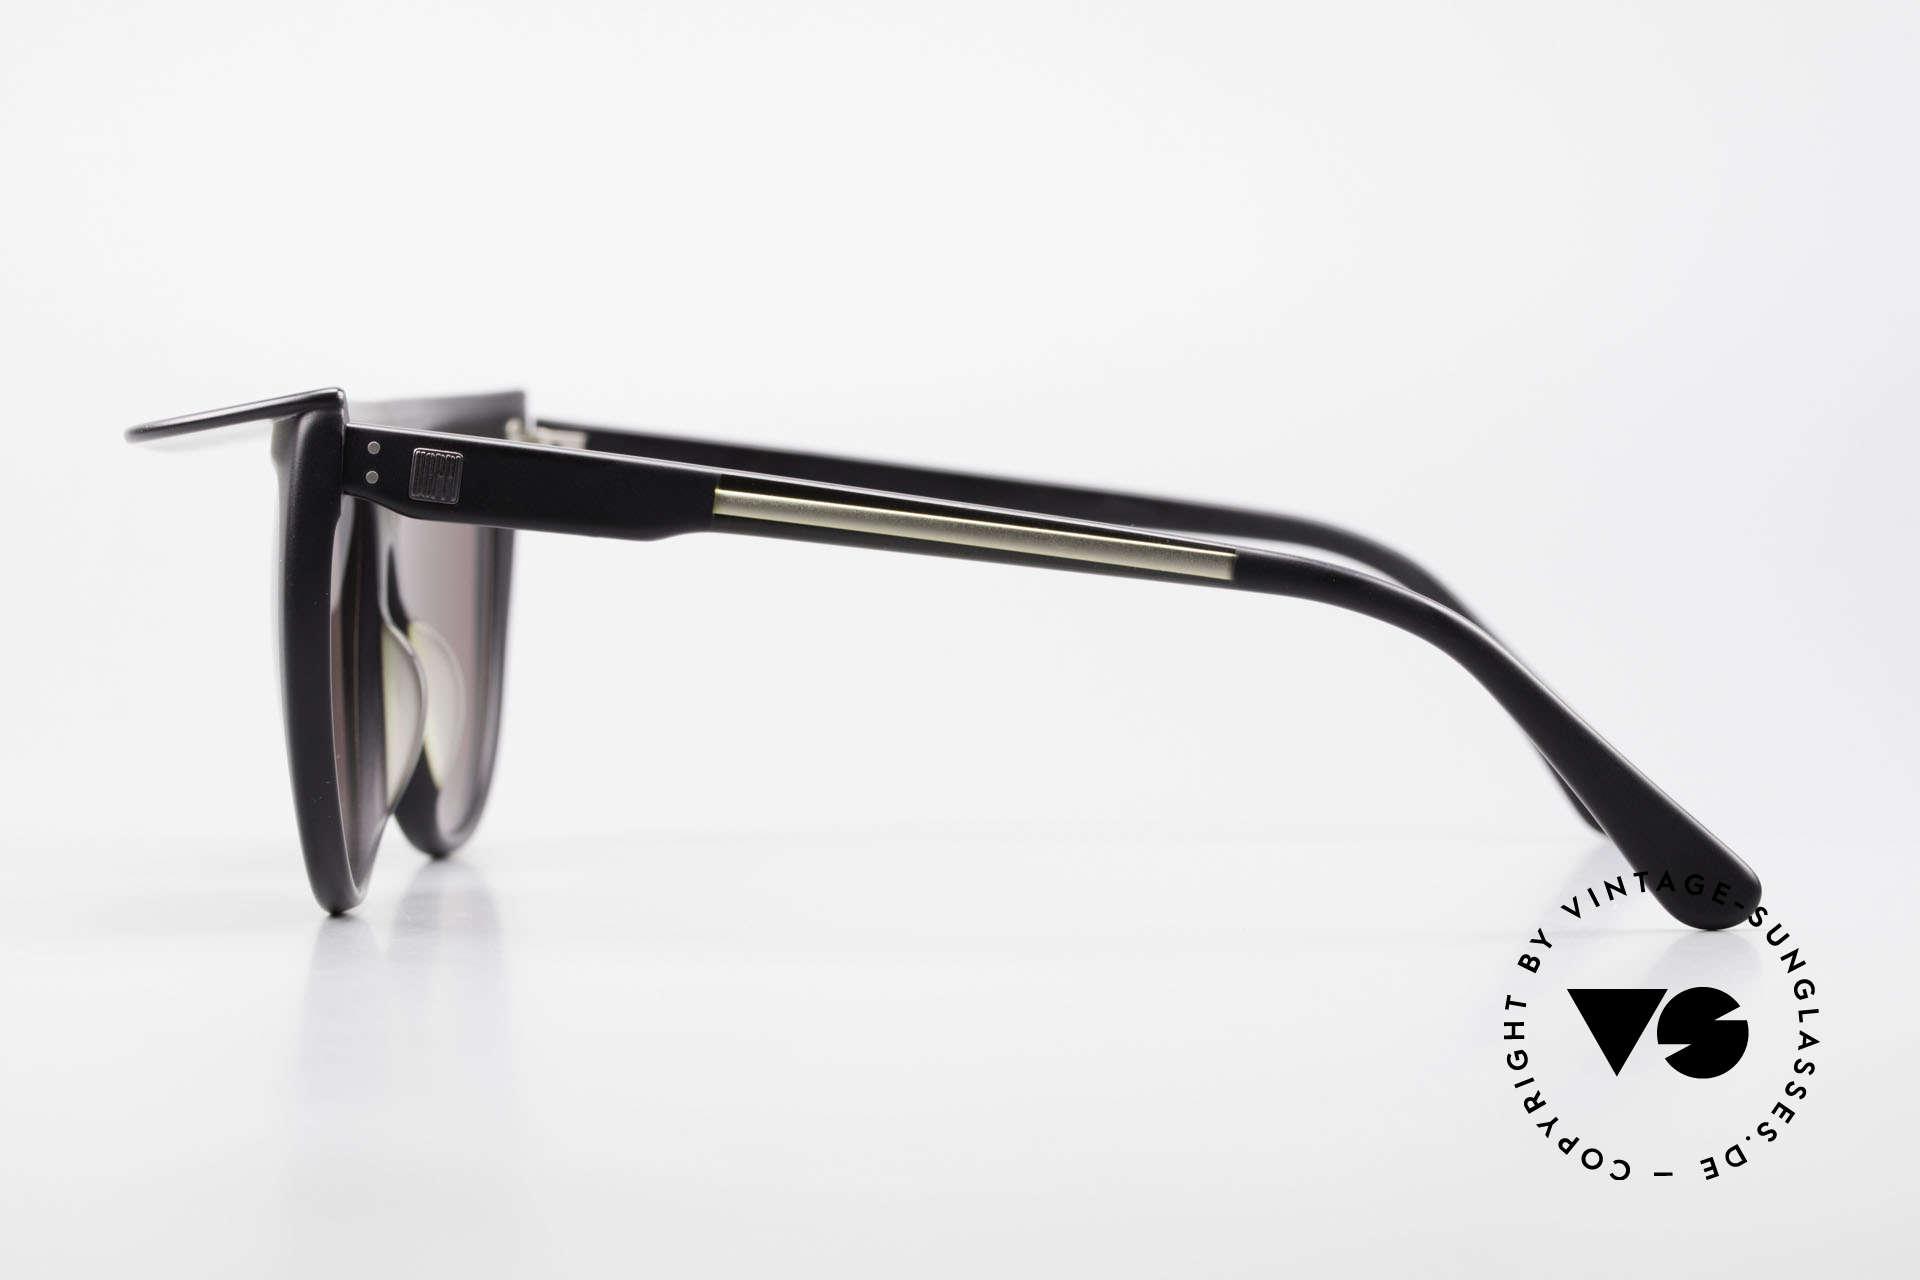 Ugppi 9801 Markisen Sonnenbrille 90er, mal was anderes, interessantes Einzelstück, Rarität!, Passend für Herren und Damen